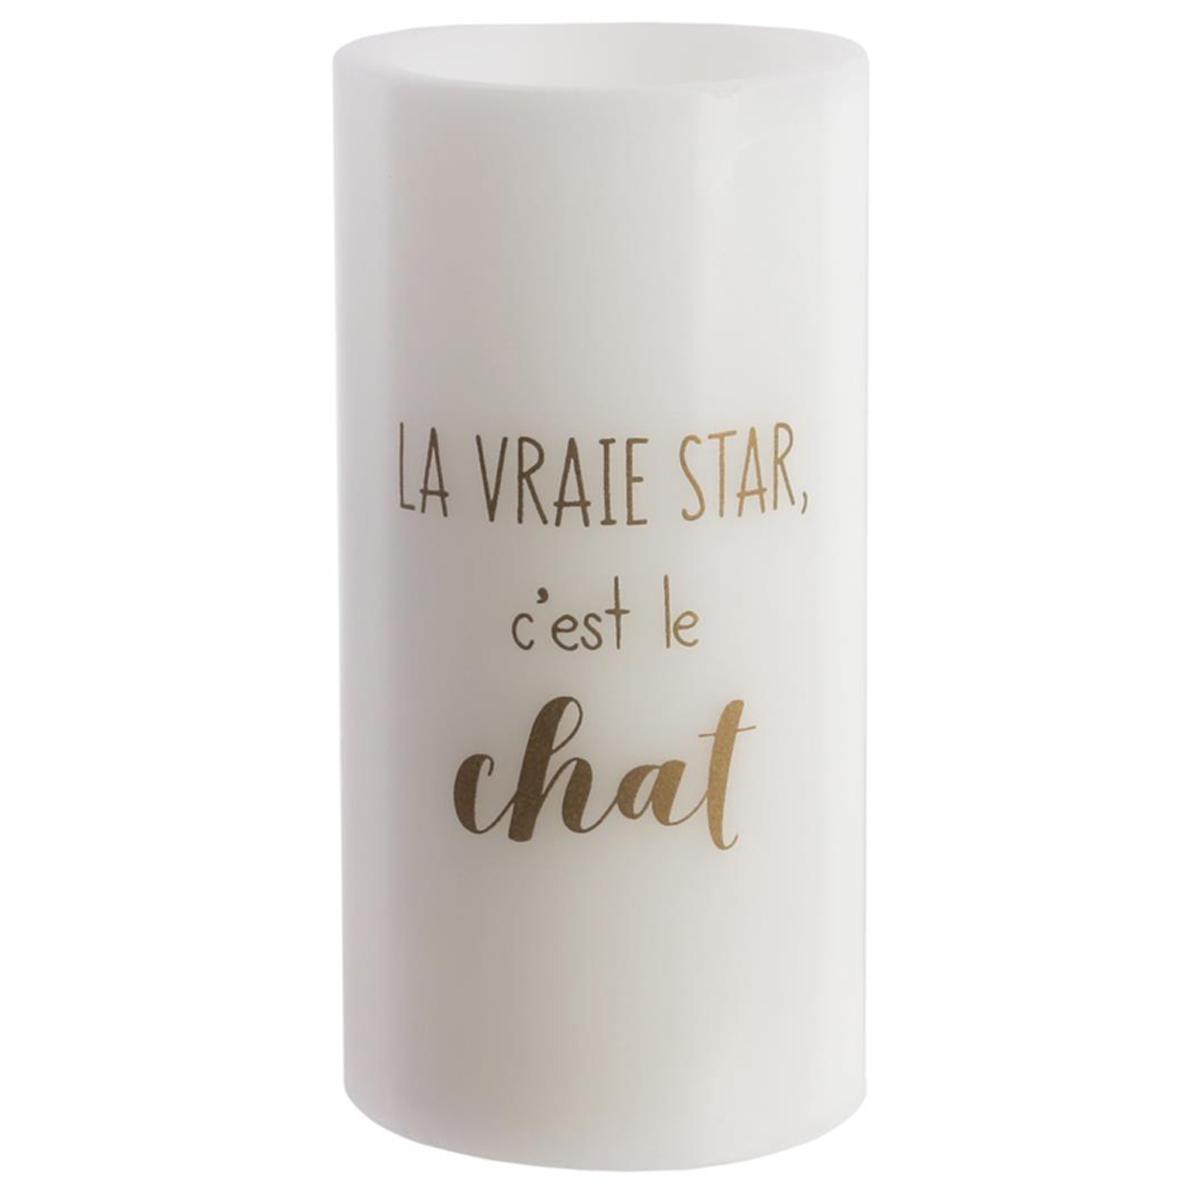 Bougie LED \'Chats\' blanc doré (cire véritable) La Vraie star , c\'est le chat - 15x75 cm - [Q5408]